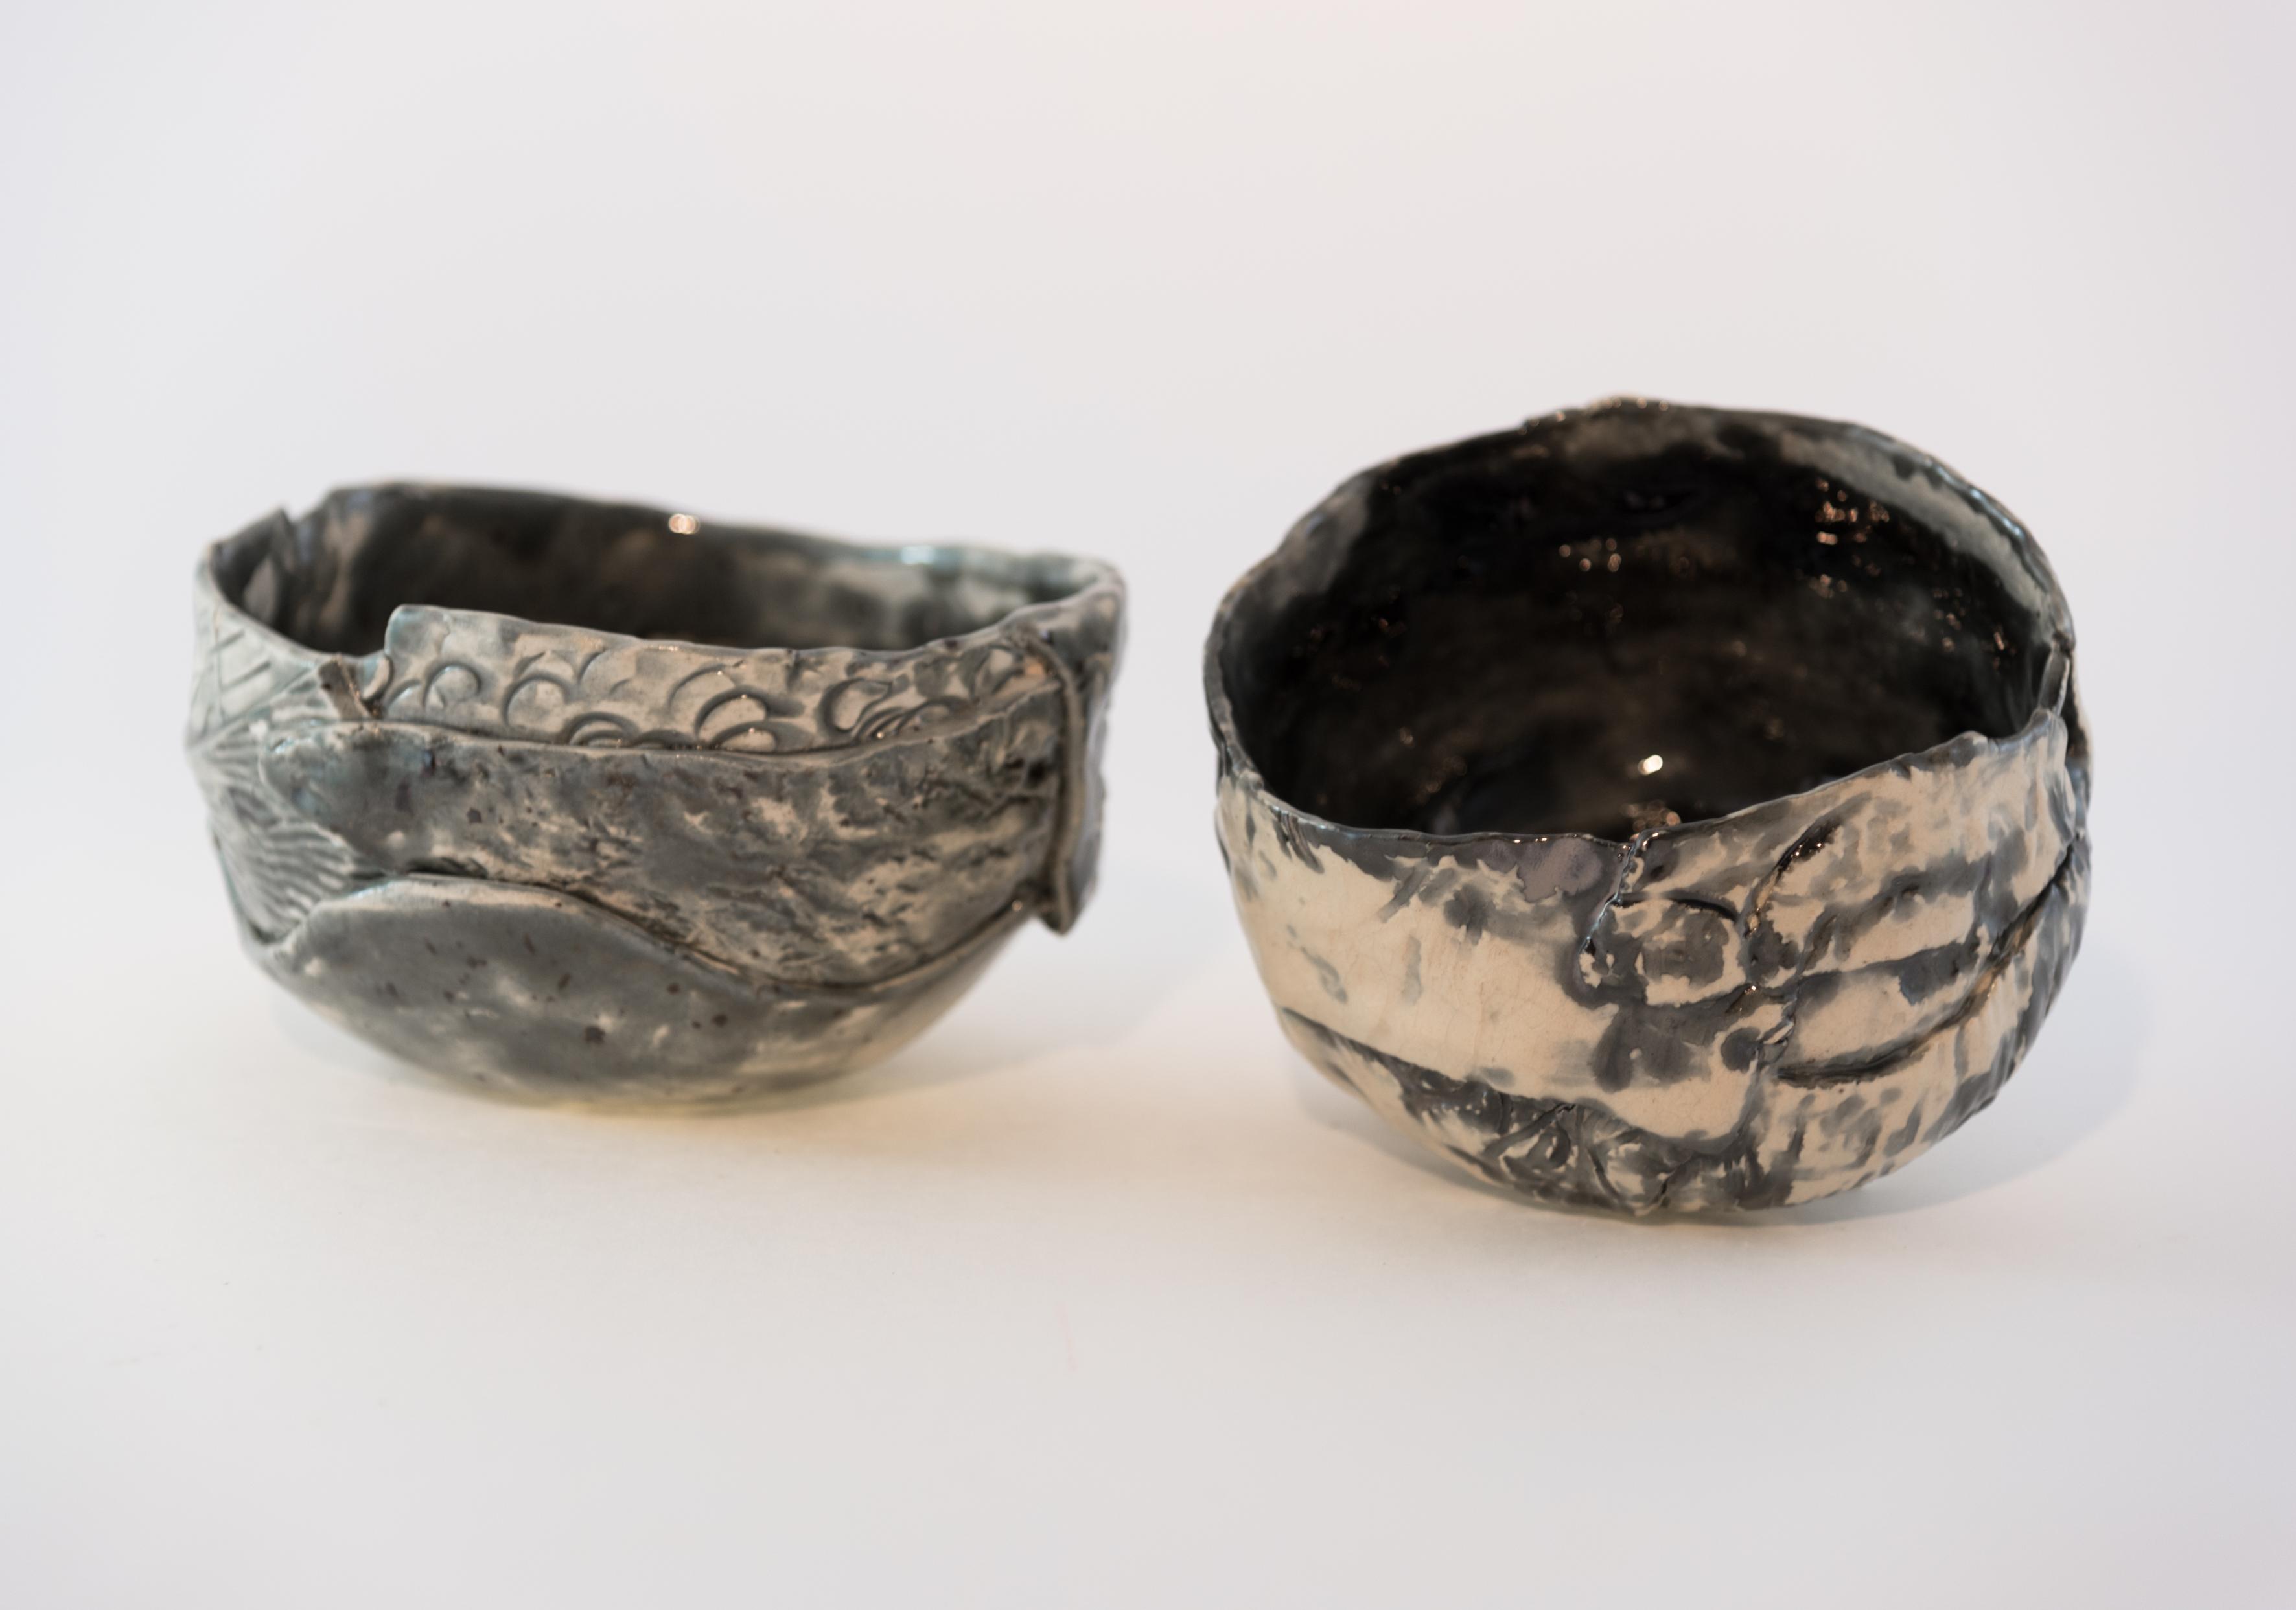 Ciotola in ceramica maculata